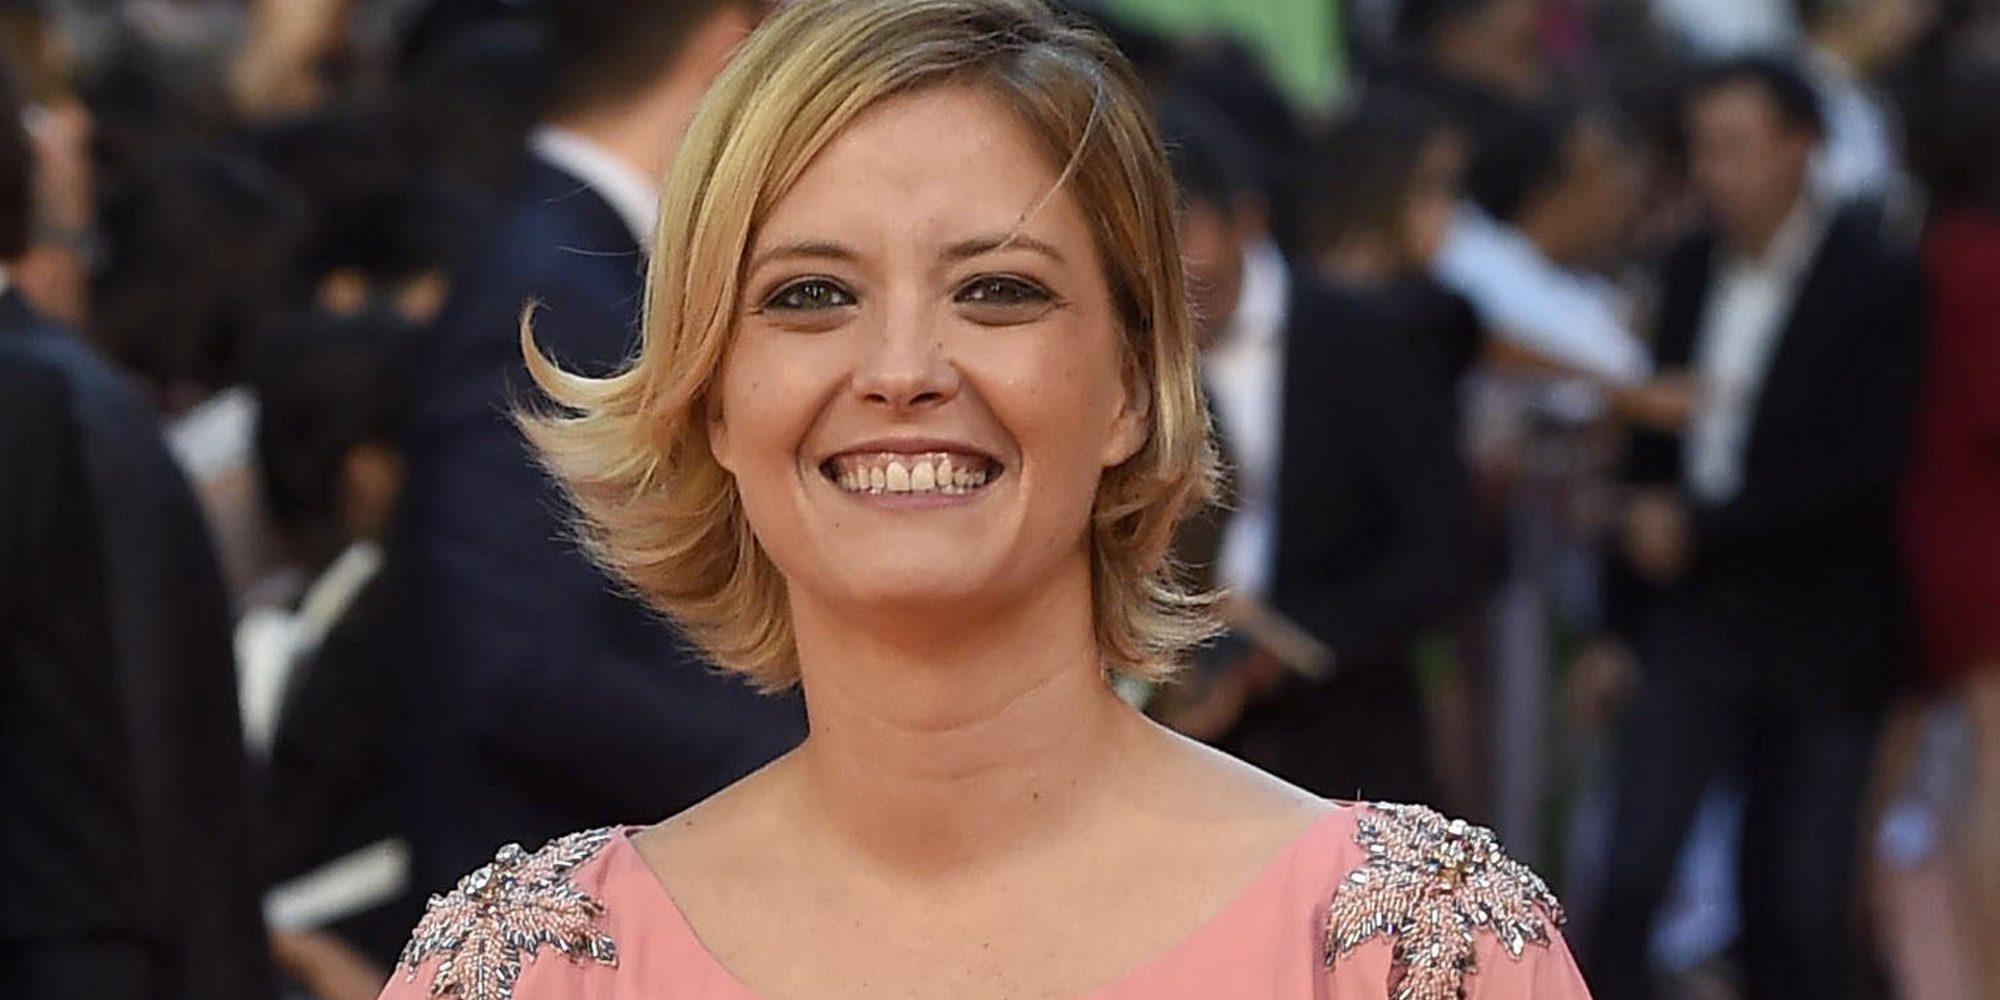 María Casado denuncia en televisión unos productos adelgazantes que utilizaban su nombre sin su permiso